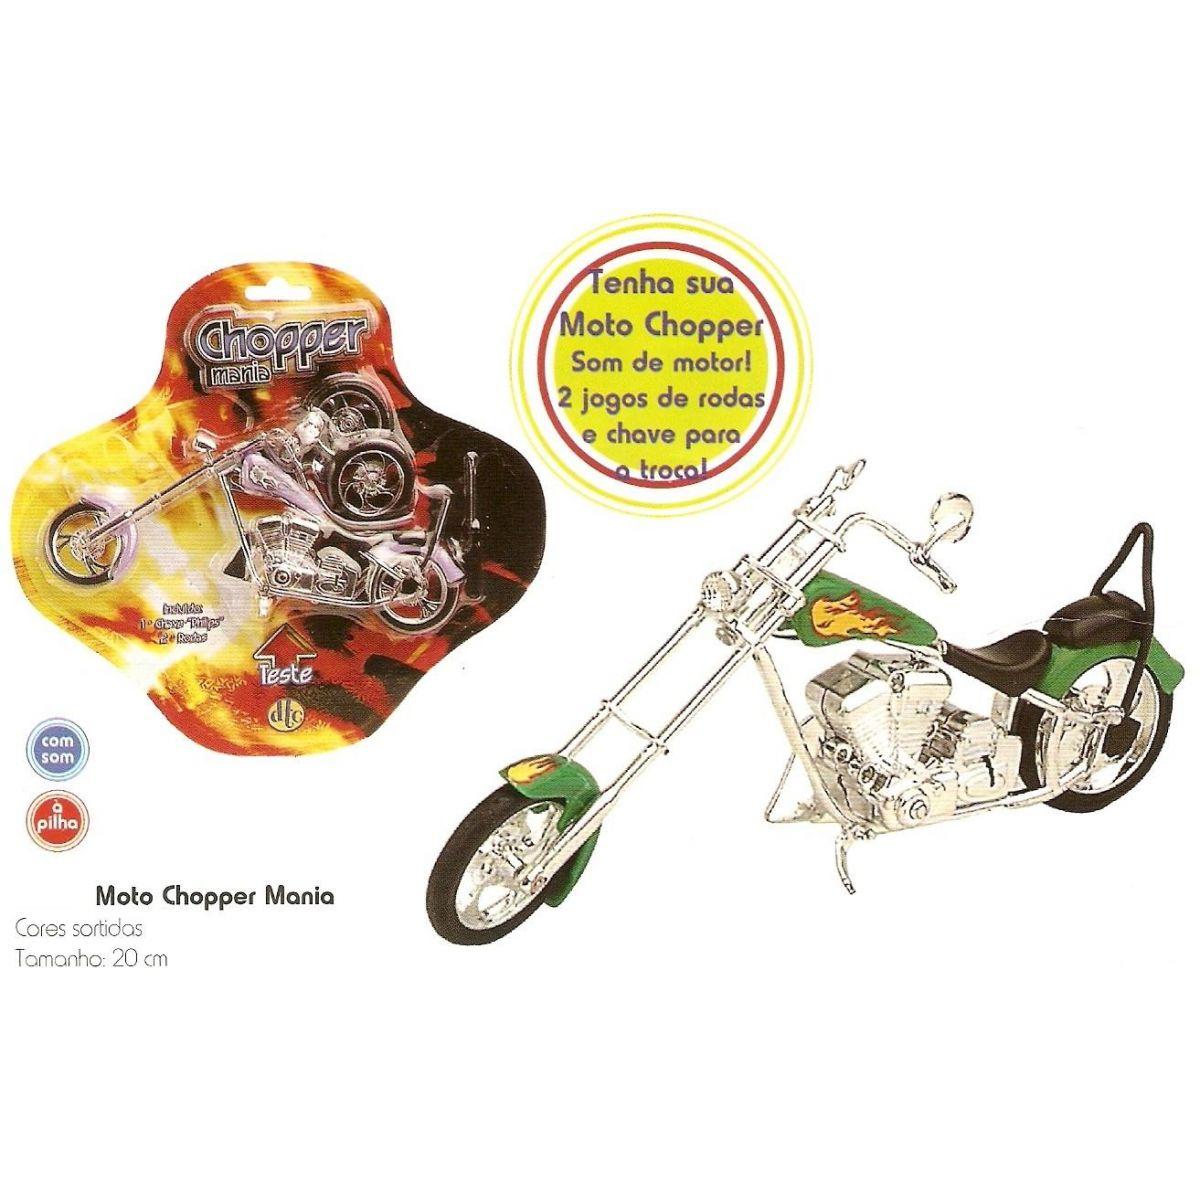 Moto Chopper Mania - Cartela  - Doce Diversão